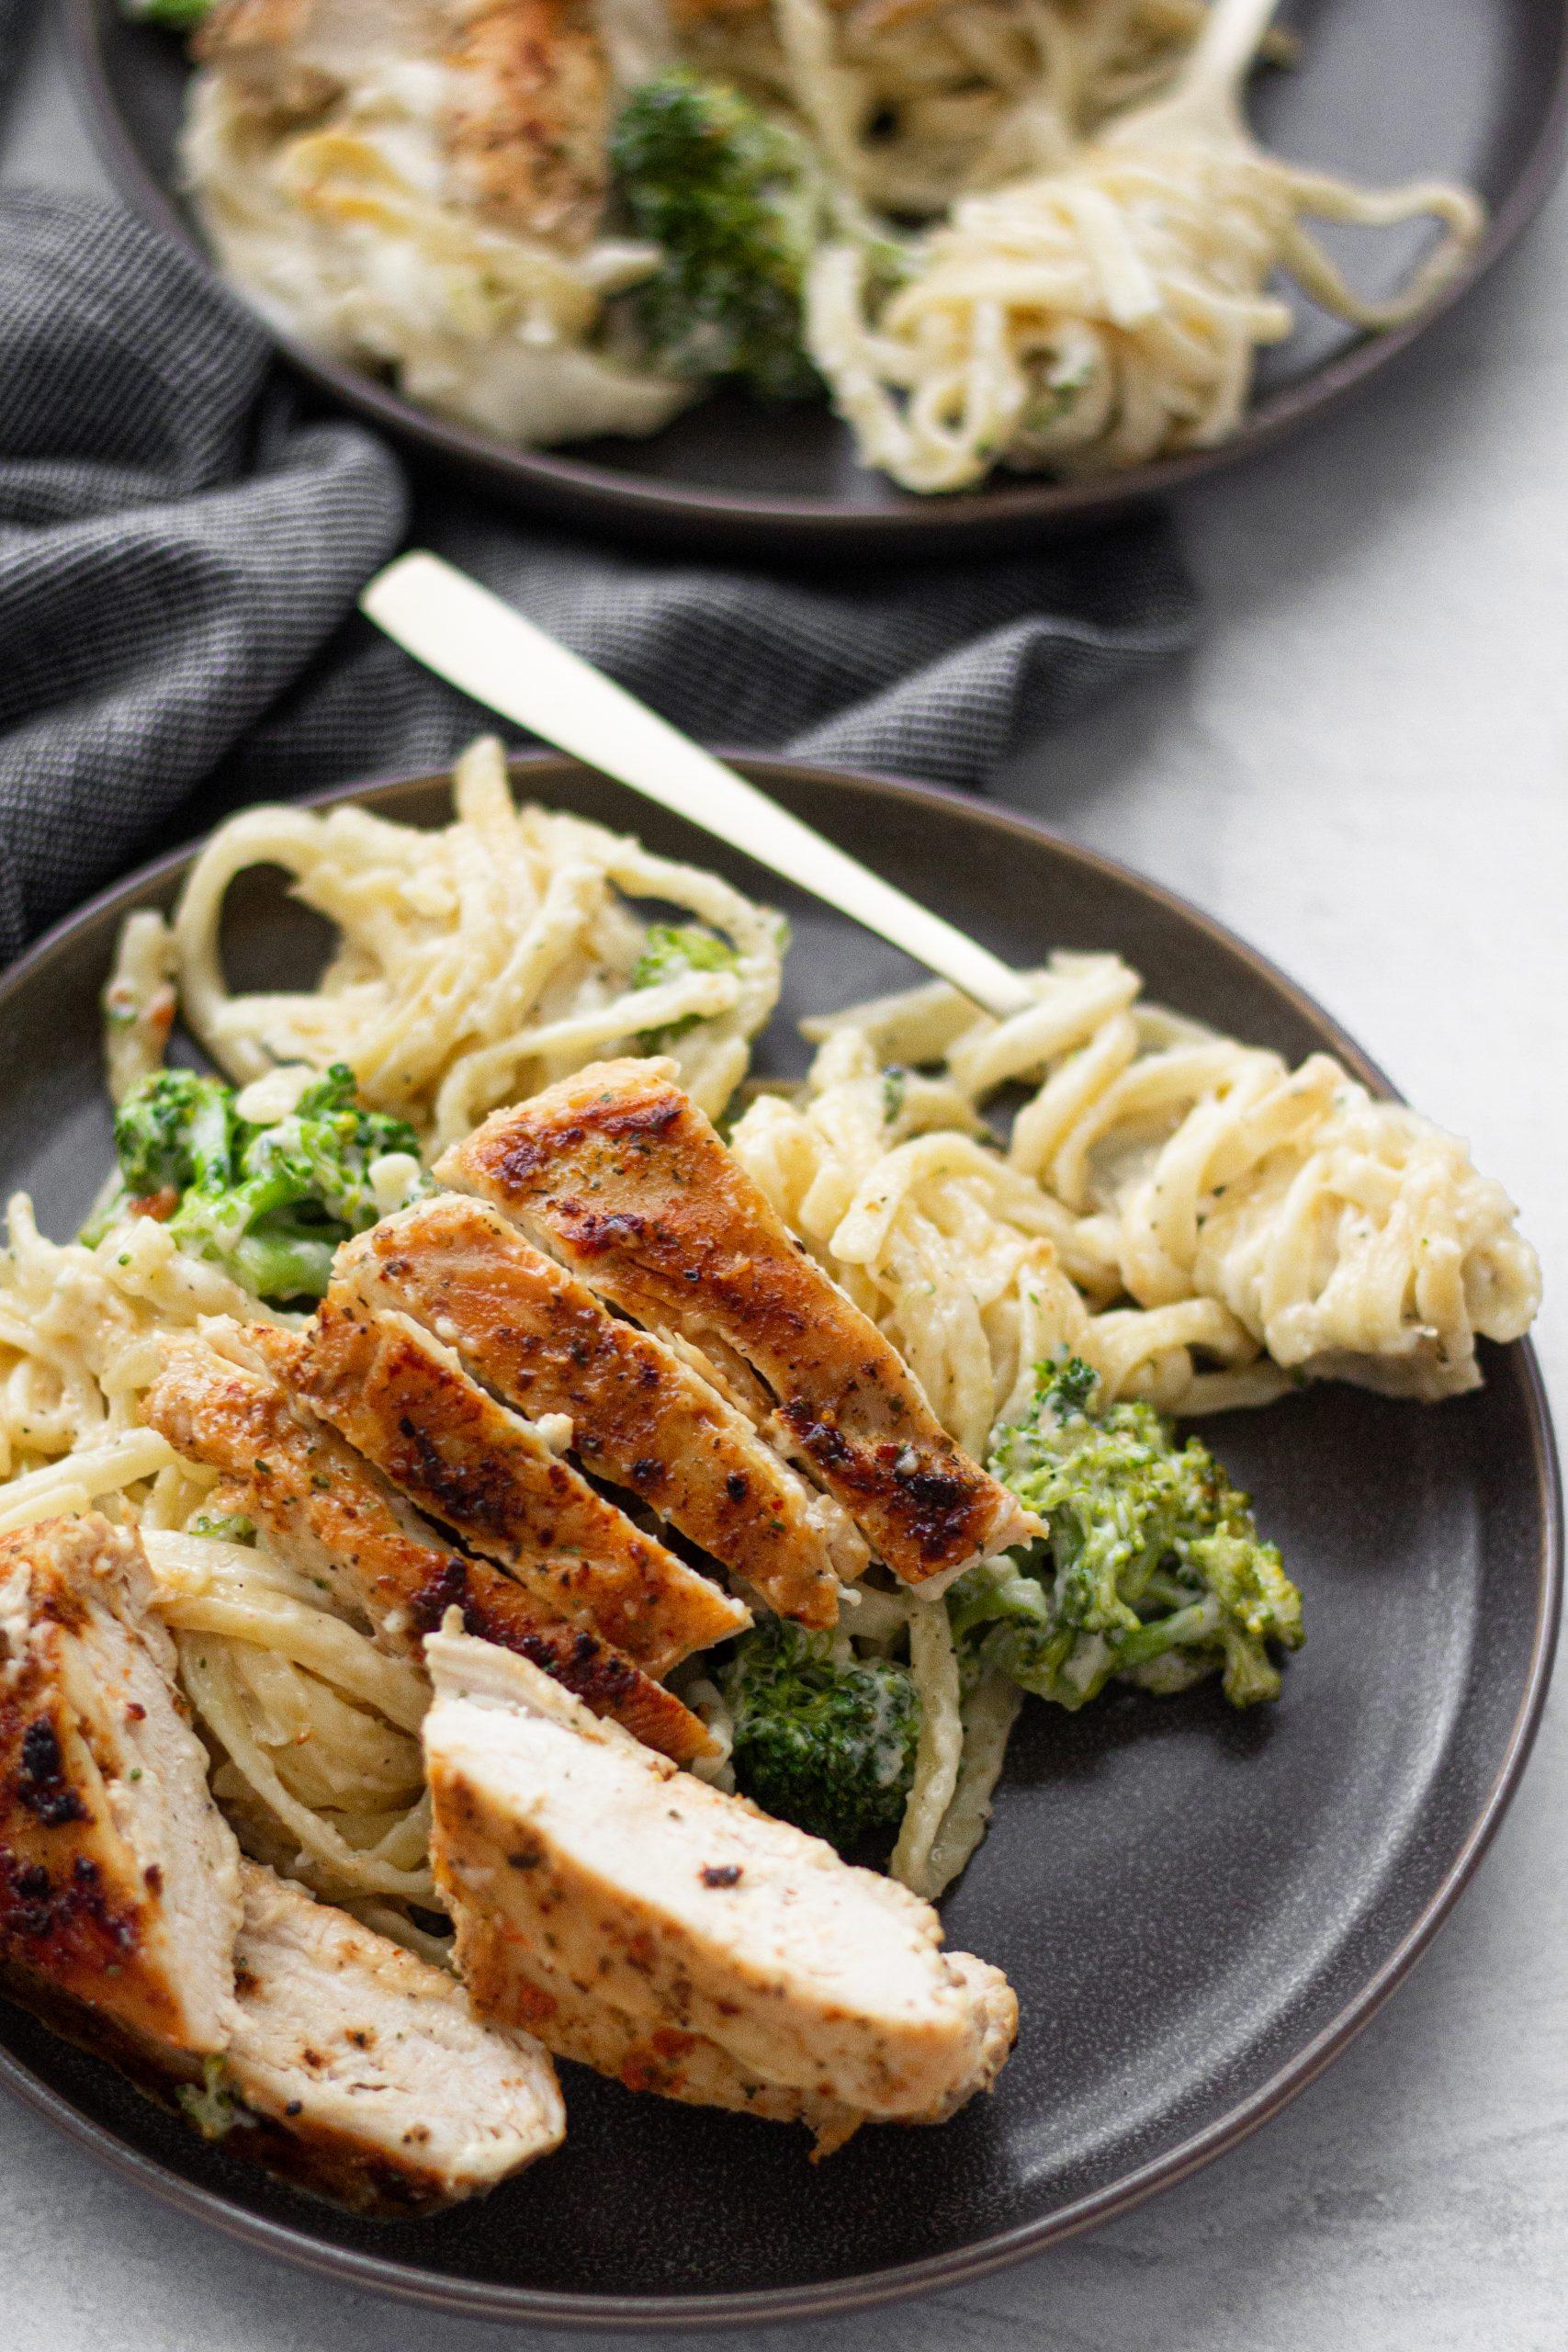 Chicken & Broccoli Linguine Alfredo